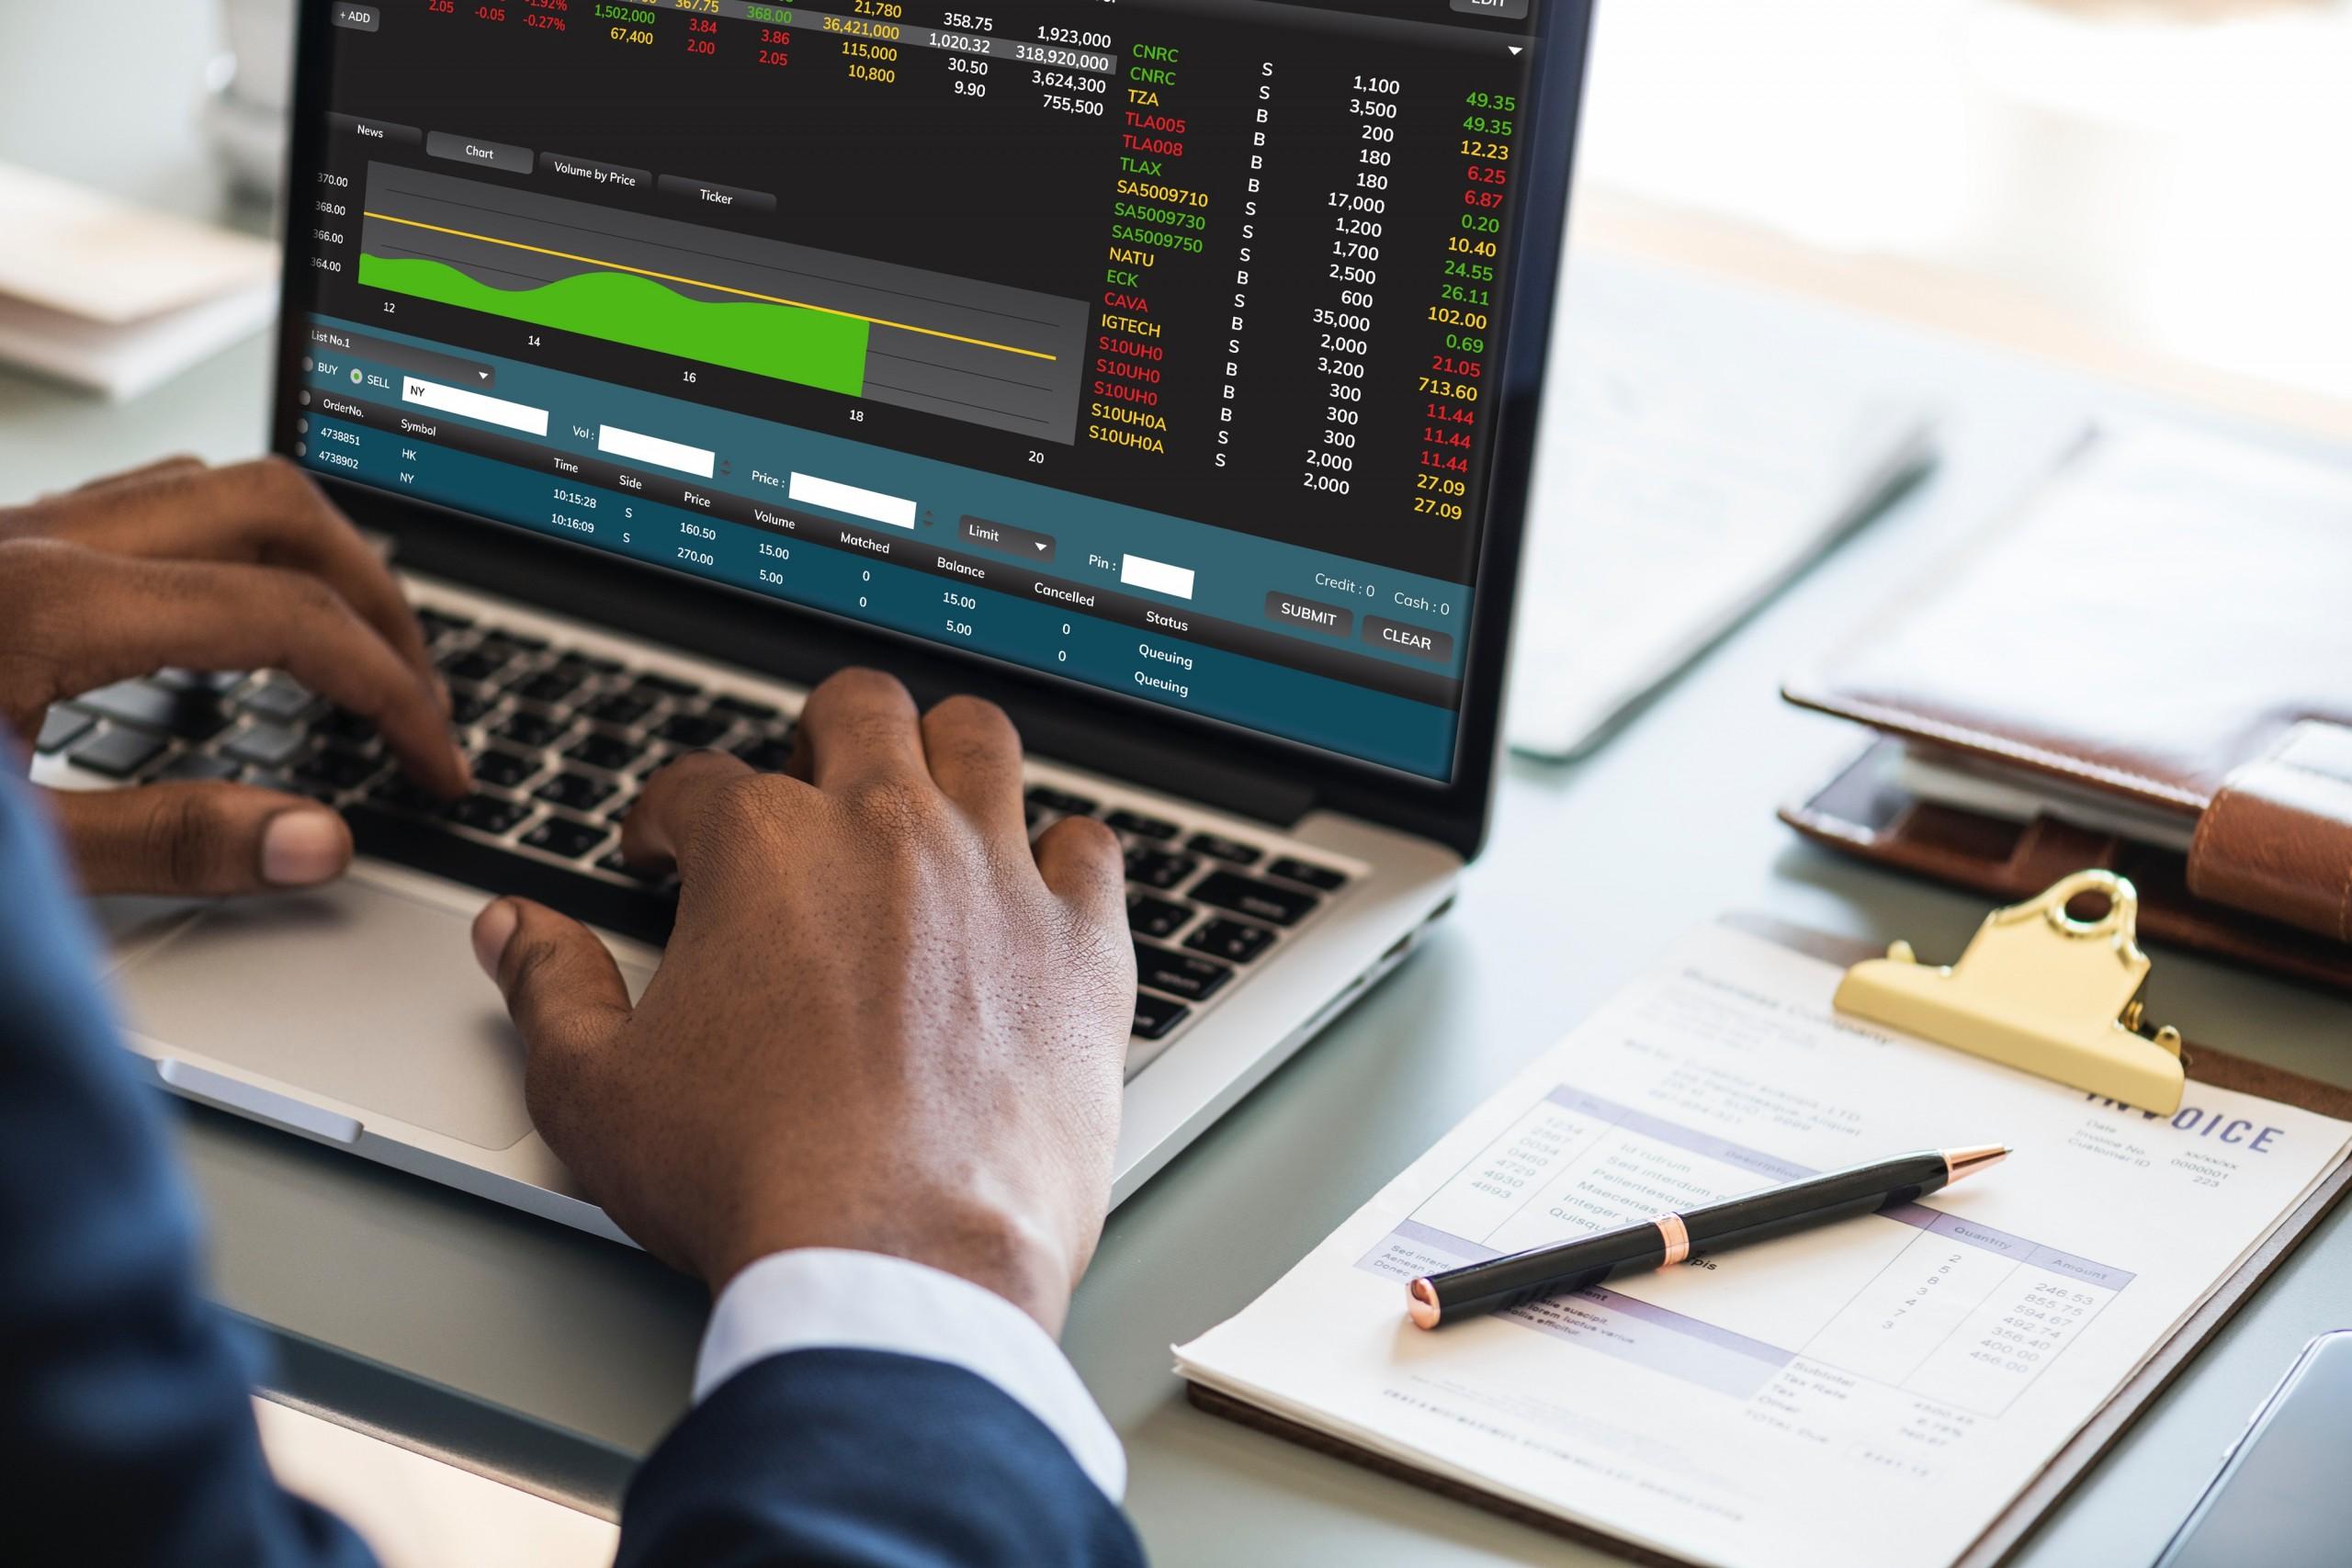 Mãos de um homem vestindo terno mexem em um computador mostrando dados. Ao lado, na mesa, uma caderneta e uma caneta. Entenda como comprovar o cumprimento da LGPD em sua empresa.